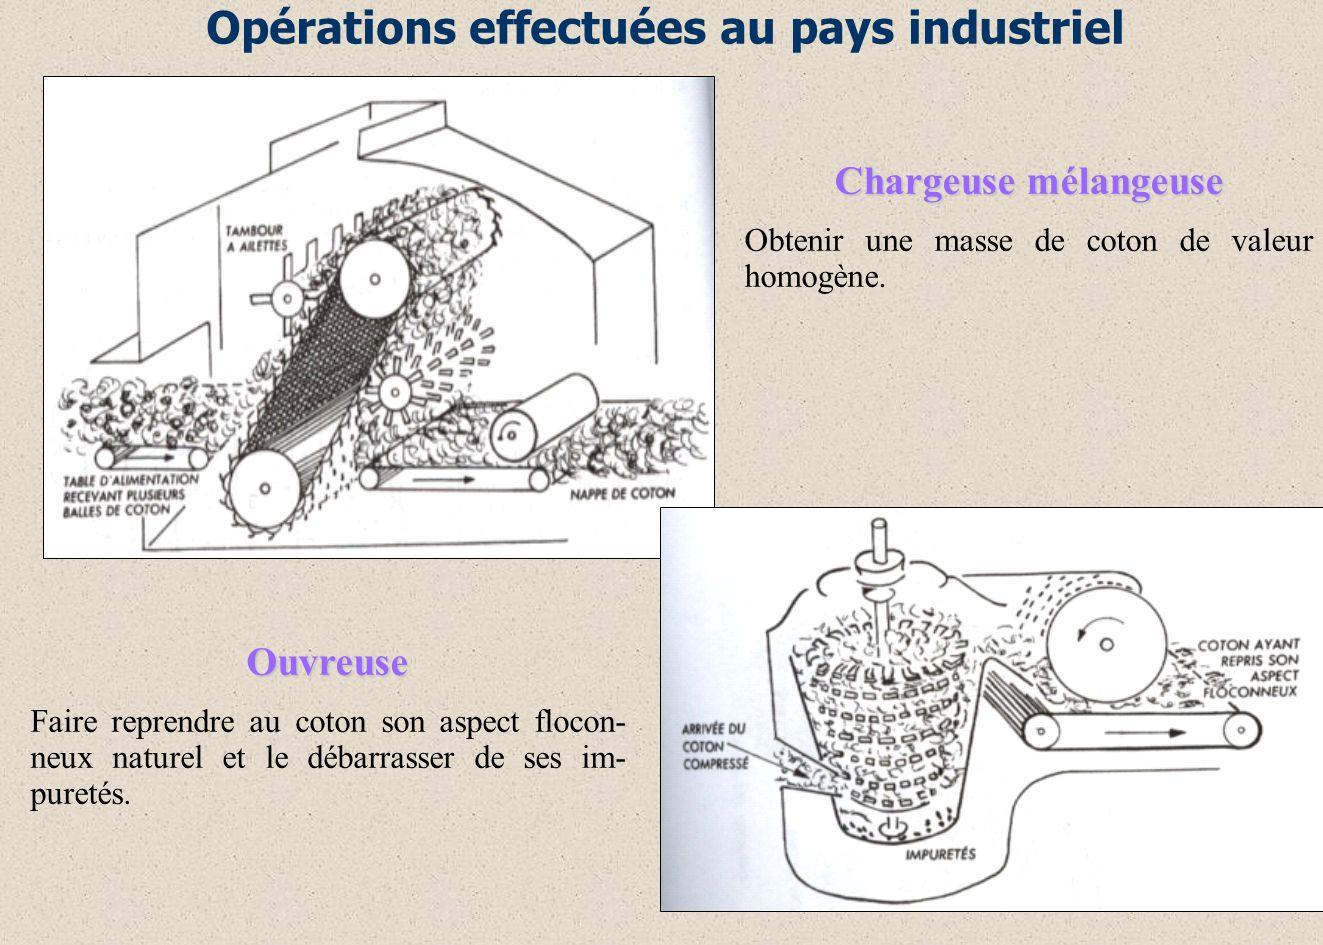 Opérations effectuées au pays industriel